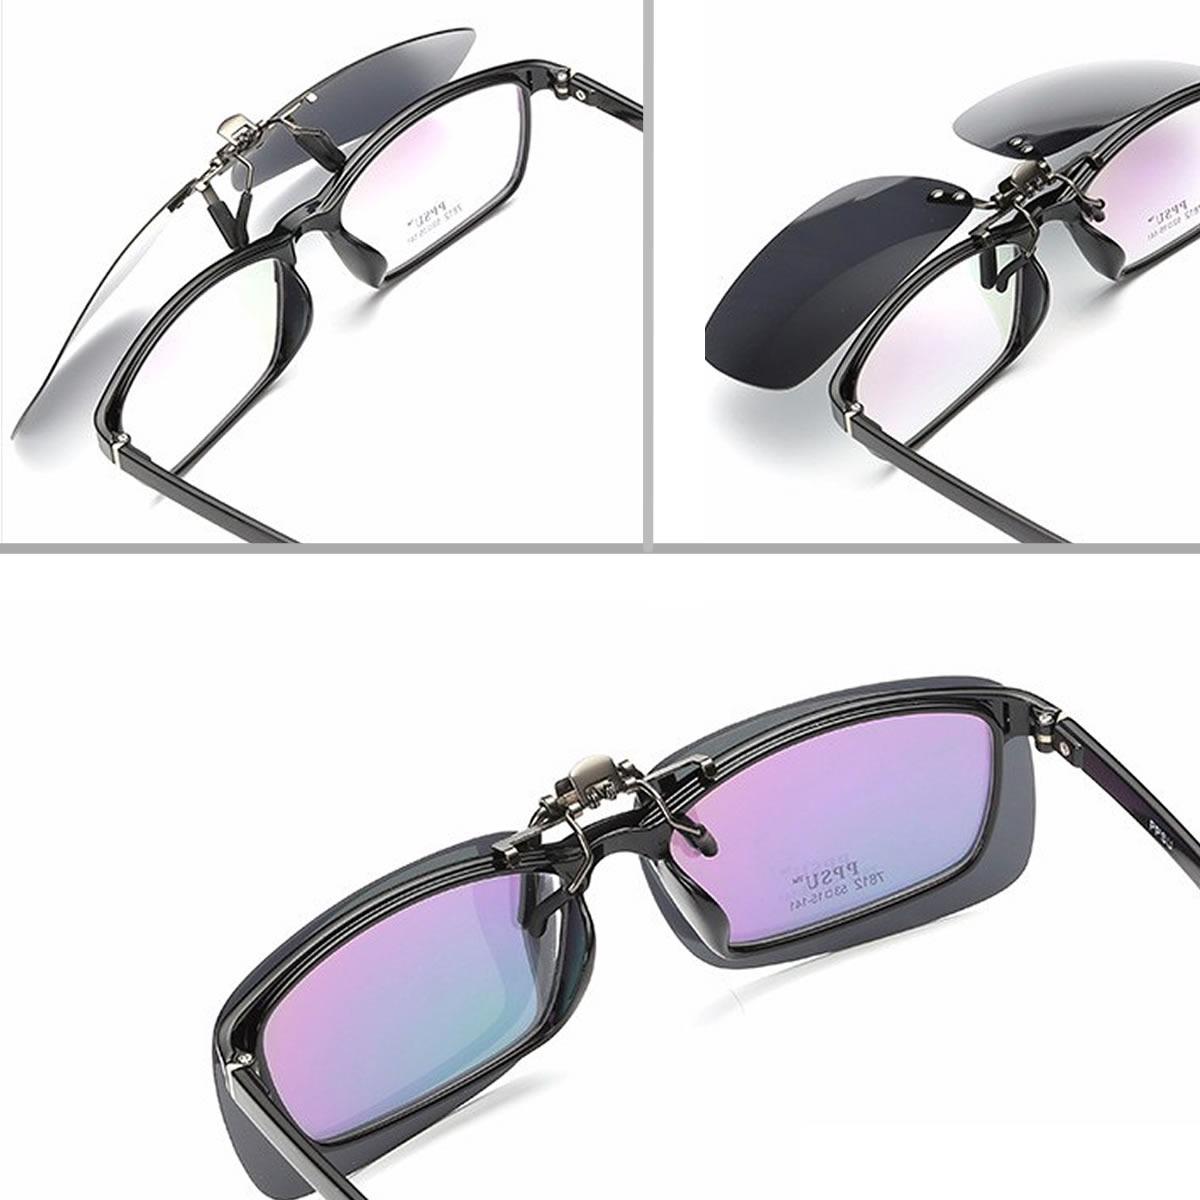 cfbebb3c1 óculos de sol de sobrepor clip on lente uv400 e polarizado. Carregando zoom.